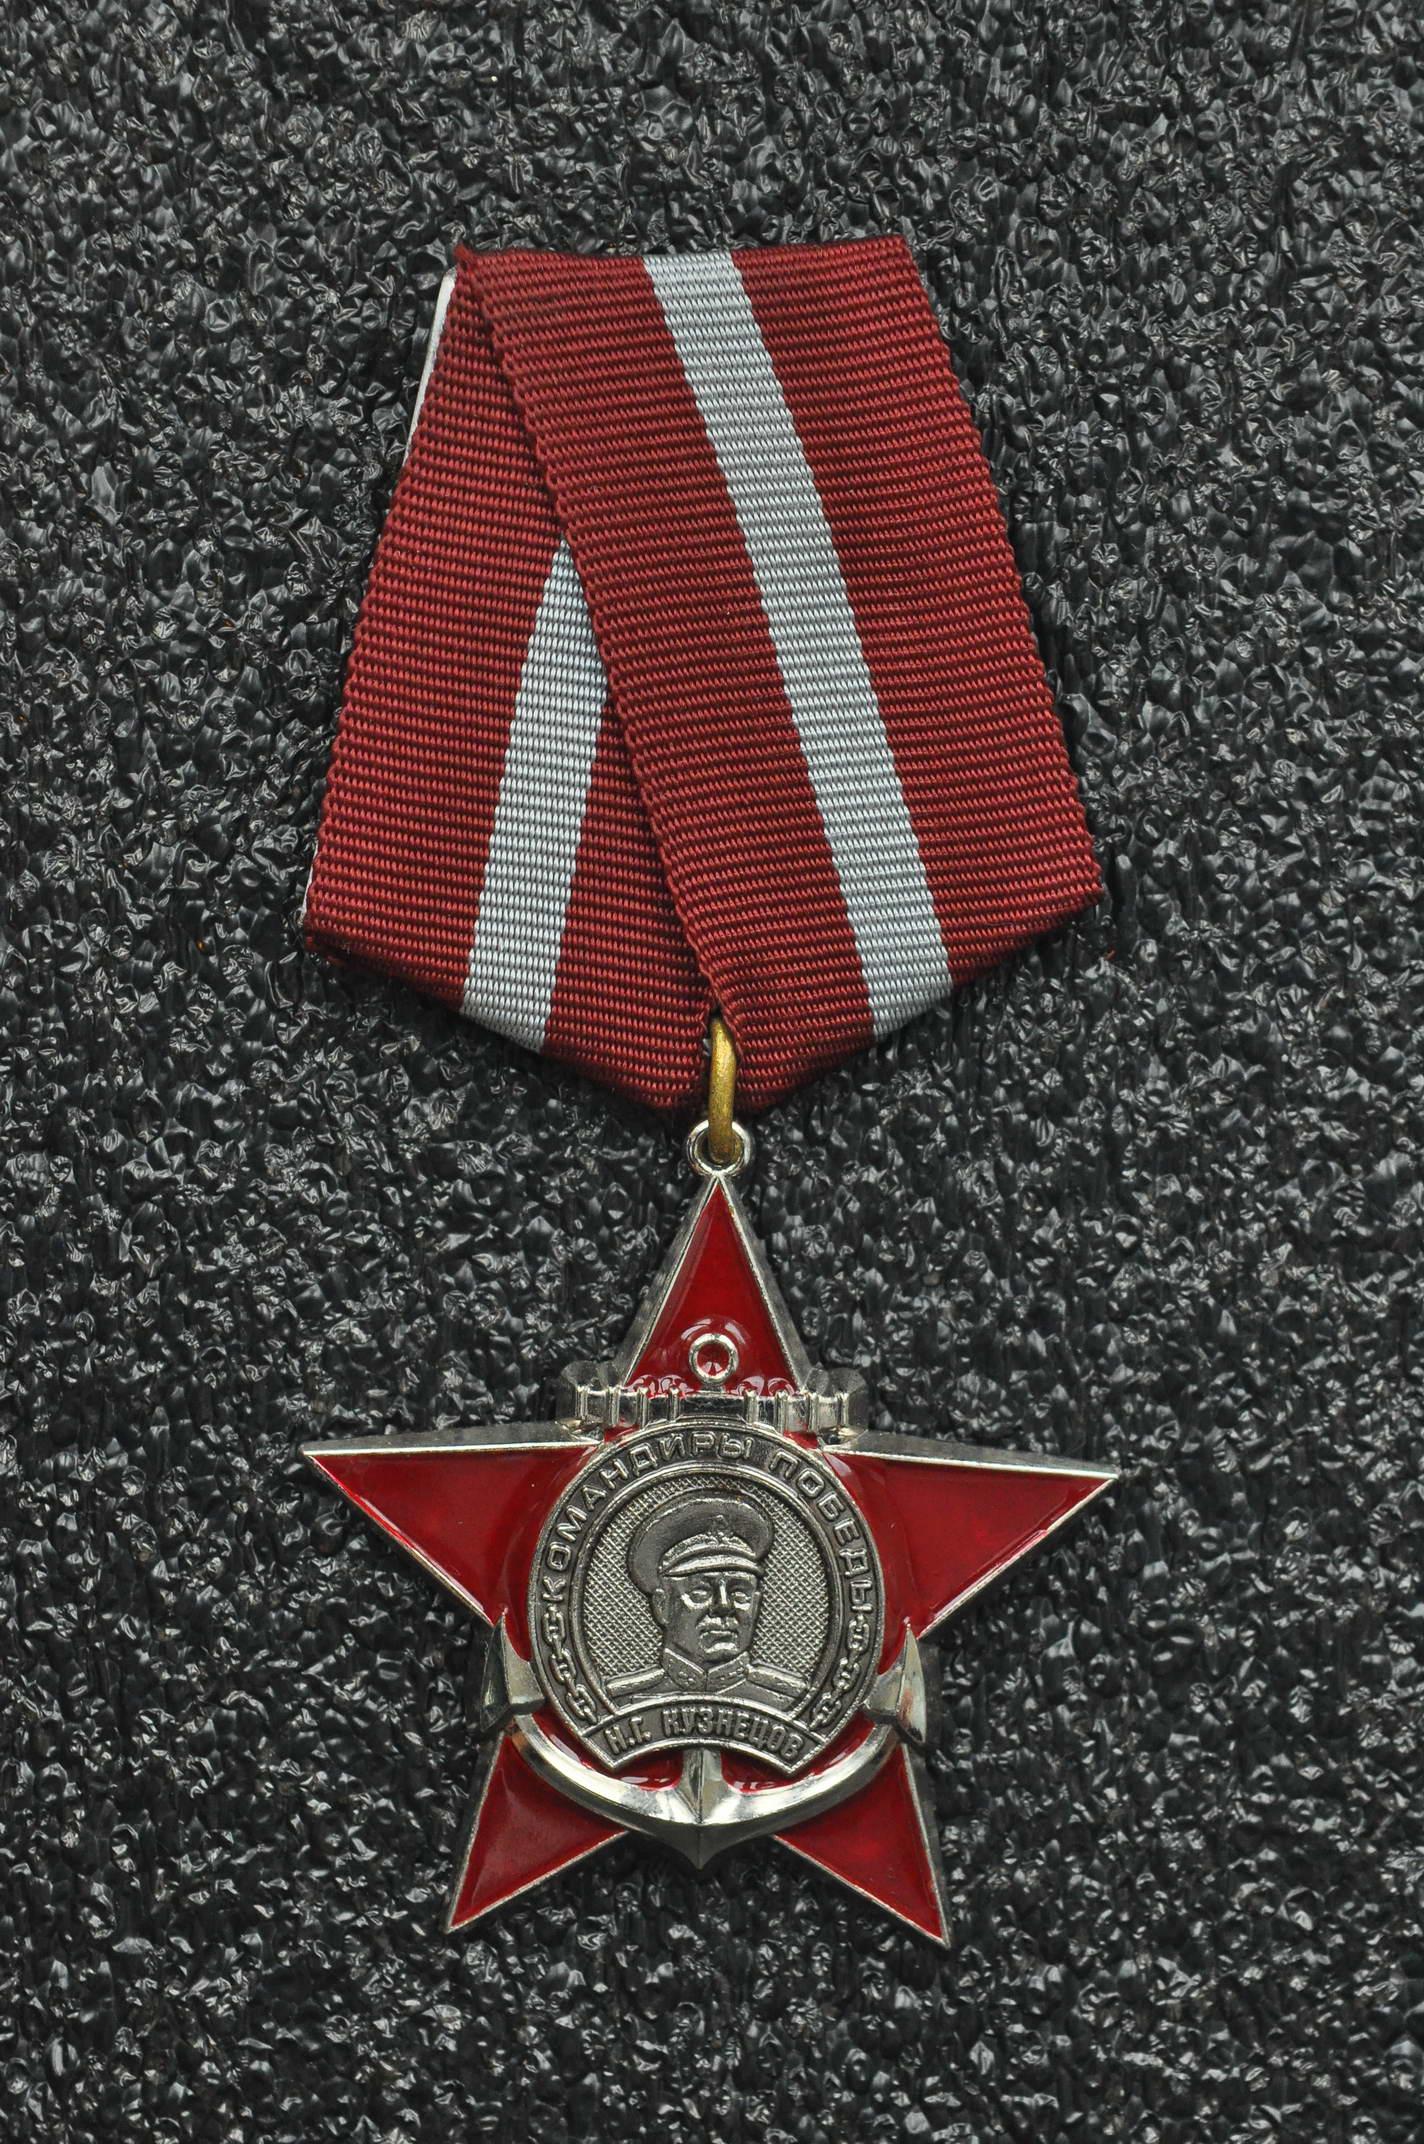 dsc_0596